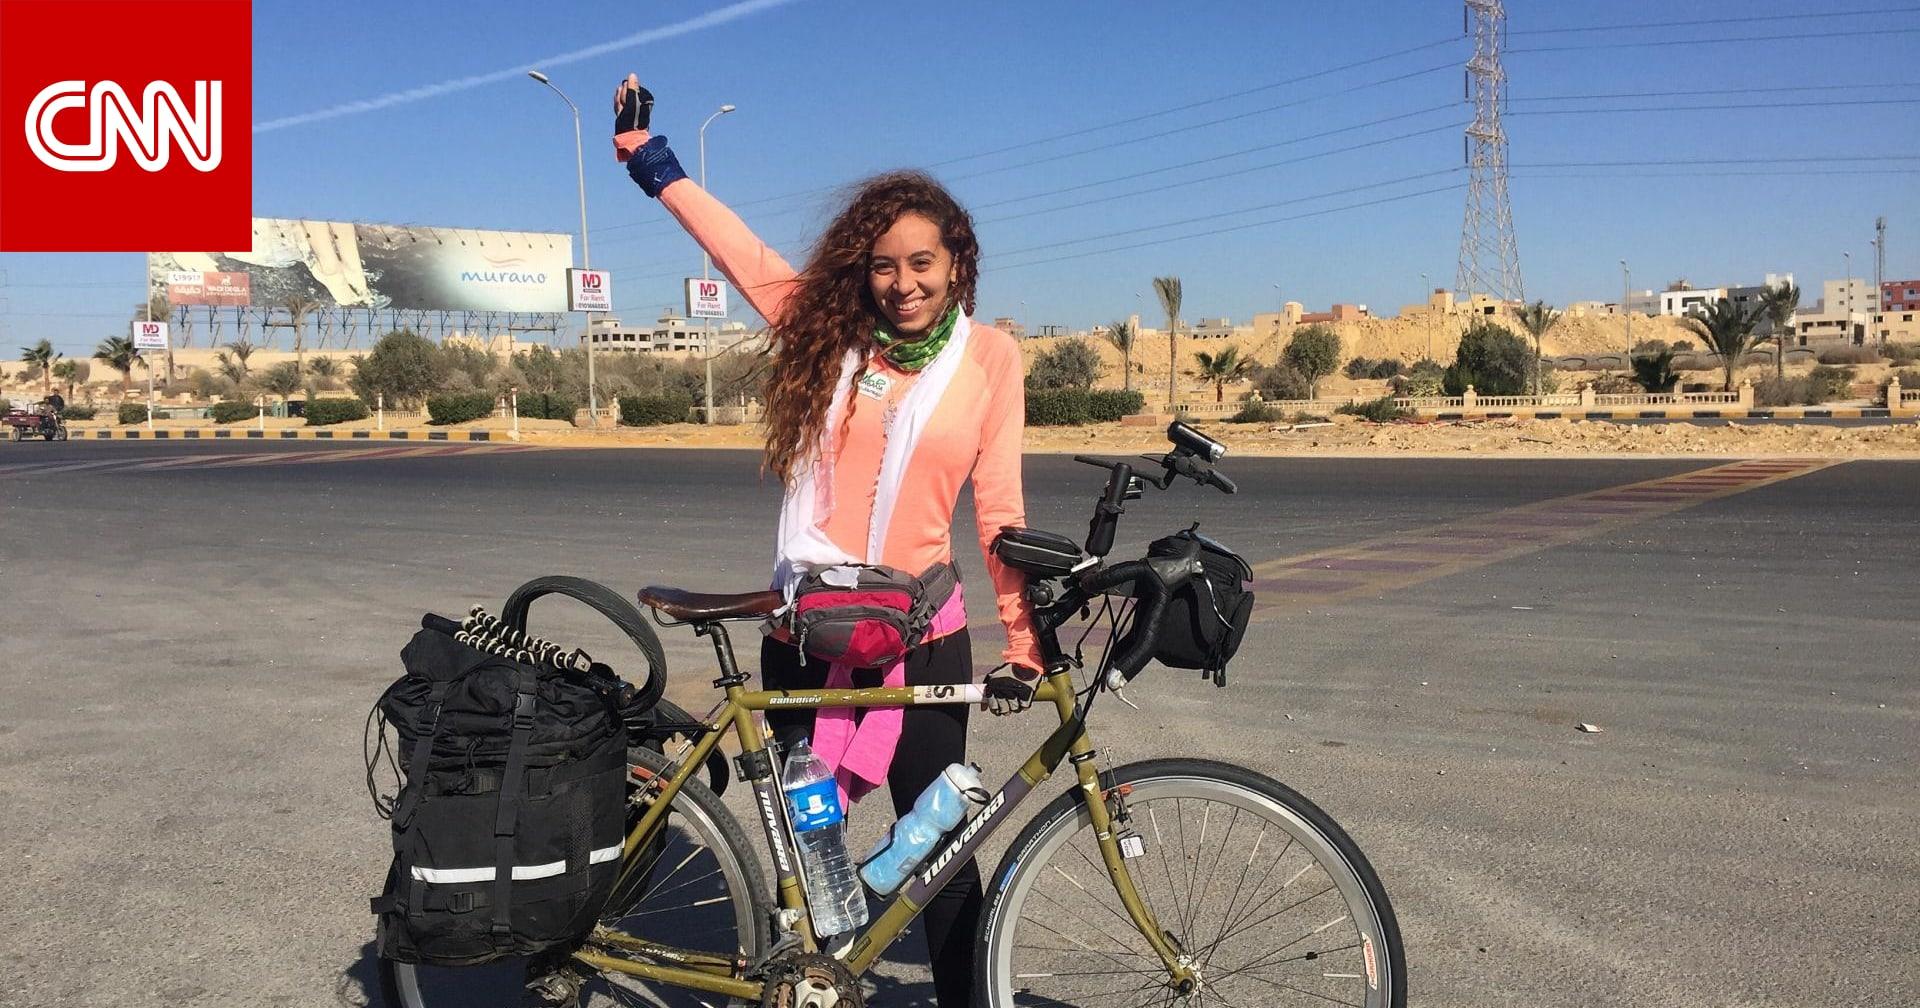 في ظل مبادرة الدراجات بمصر.. ما أفضل الأماكن للتجول بدراجتك؟